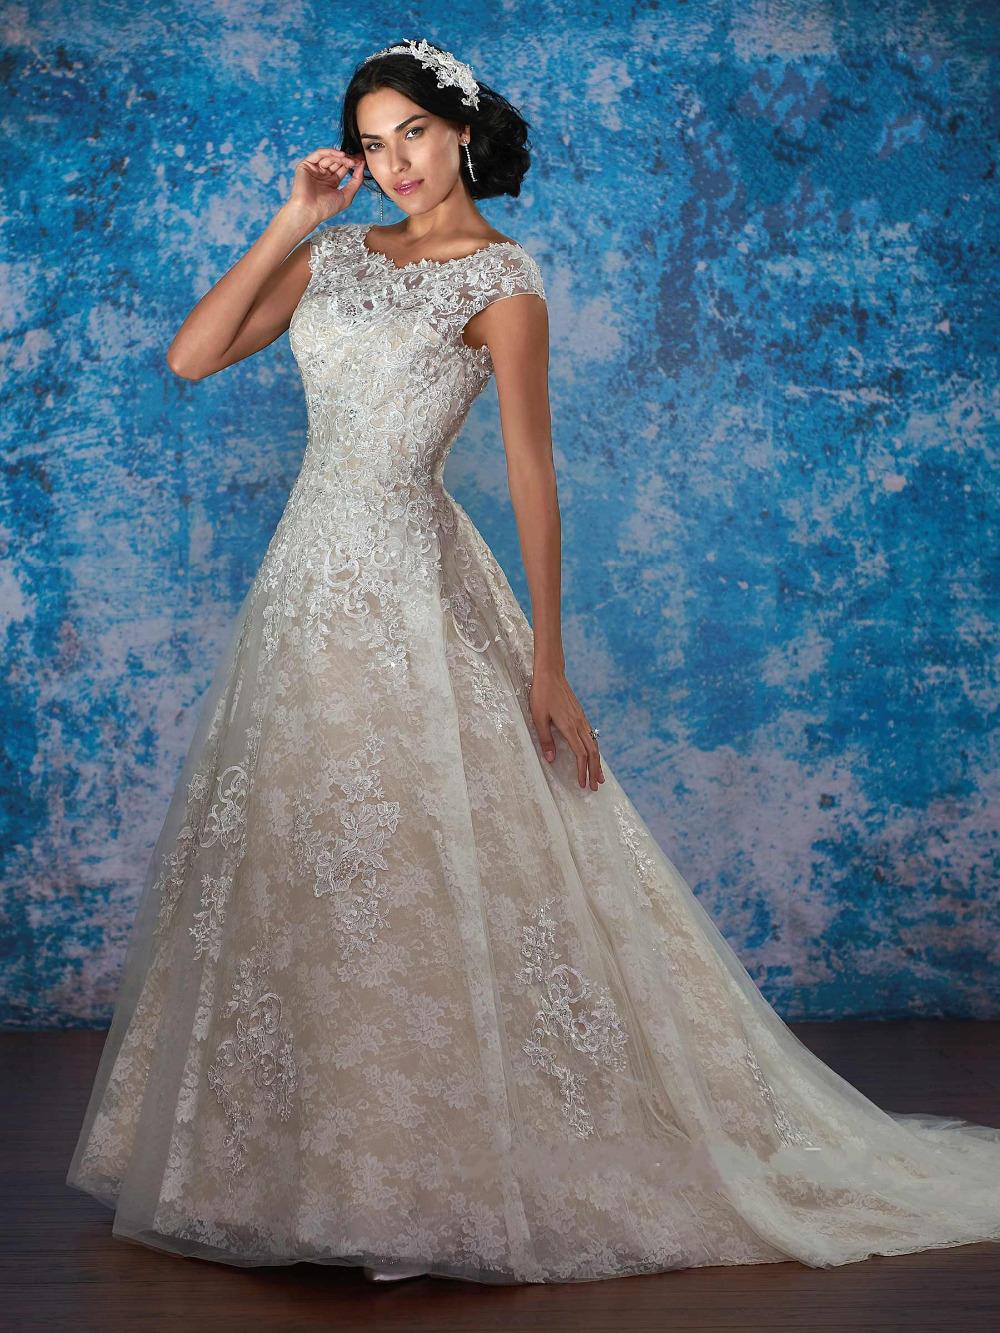 Новое поступление кружева свадебное платье 2016 сексуальная одежда де Mariage свадебные платья Vestido Novia низкие цены в евро свадебные платья